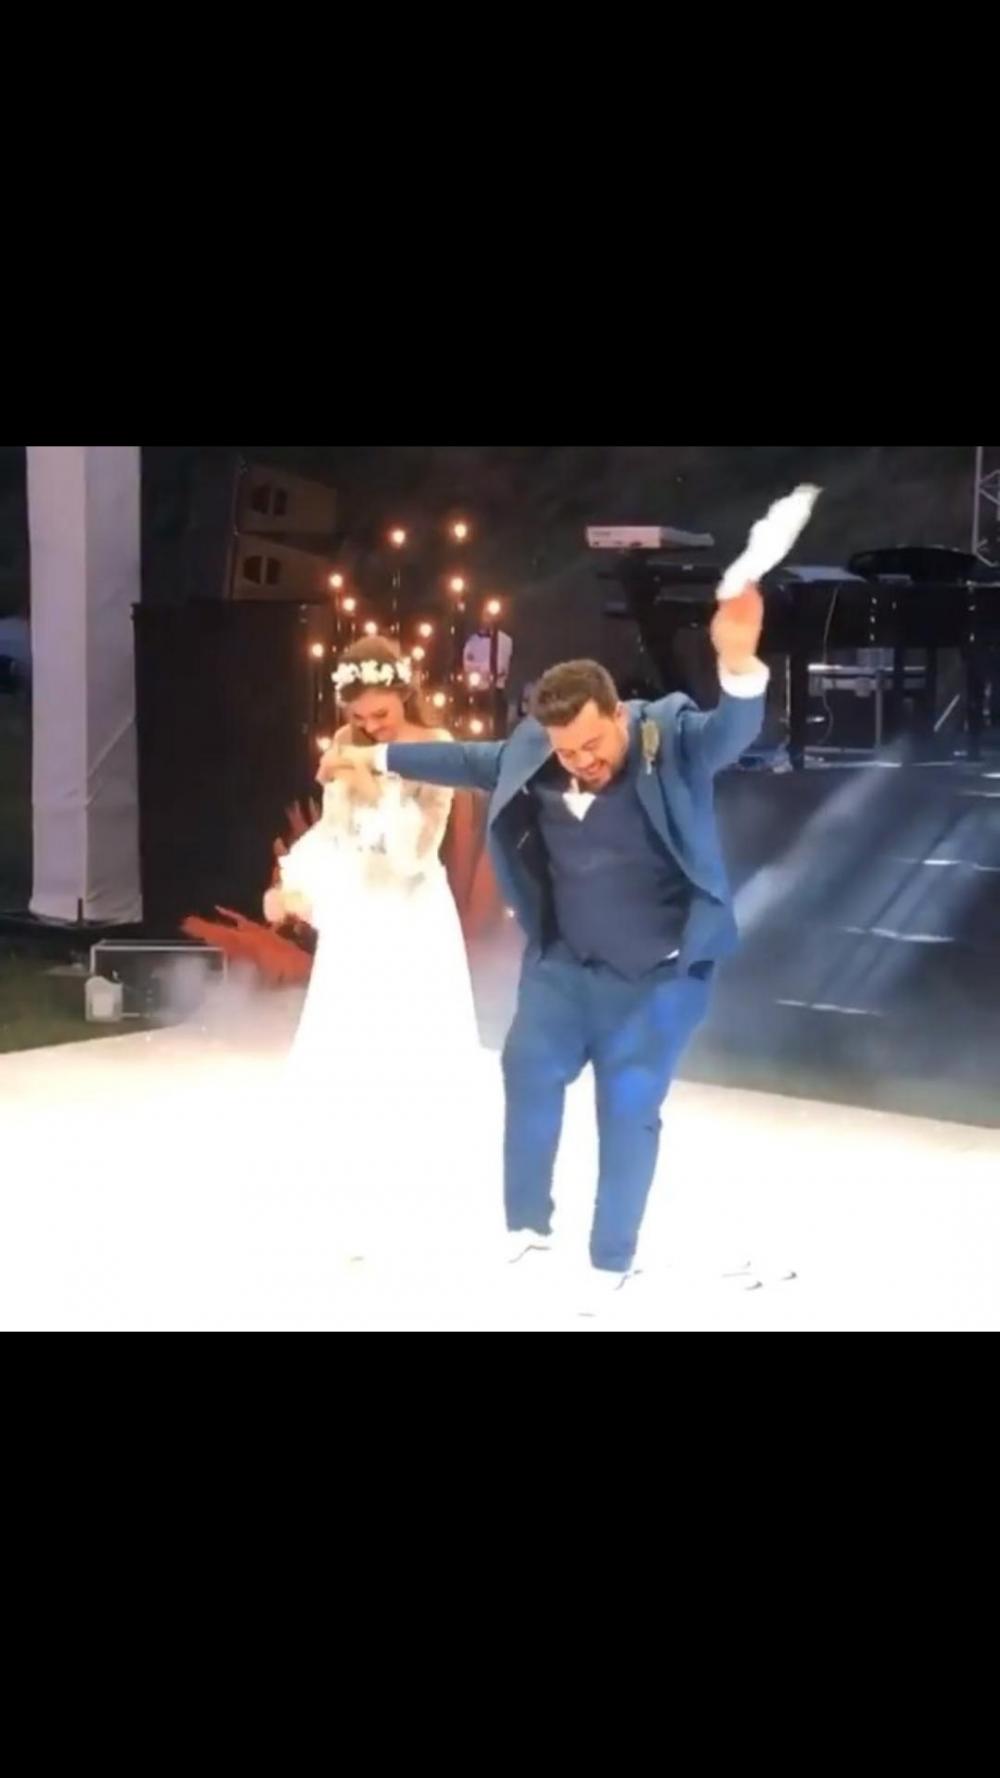 Eser Yenenler'in düğün dansı hakkında ne düşünüyorsunuz?